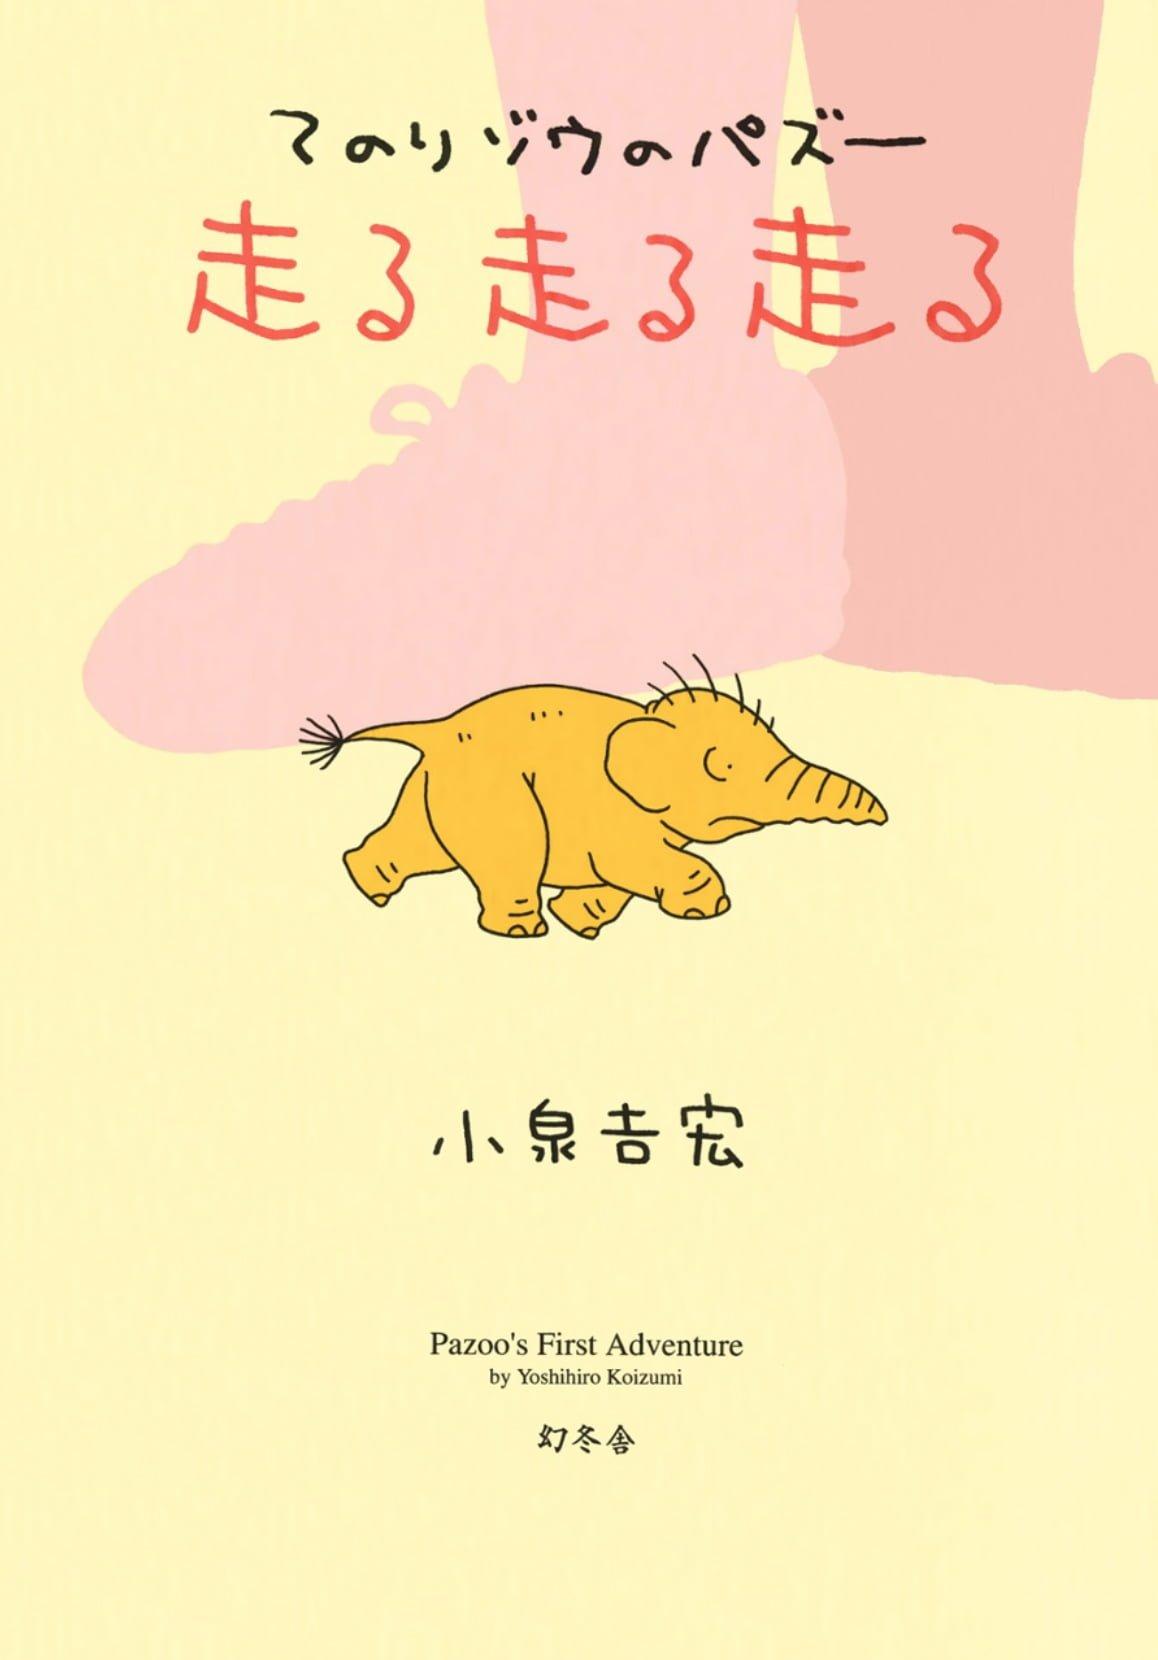 絵本「てのりゾウのパズー 走る走る走る」の表紙